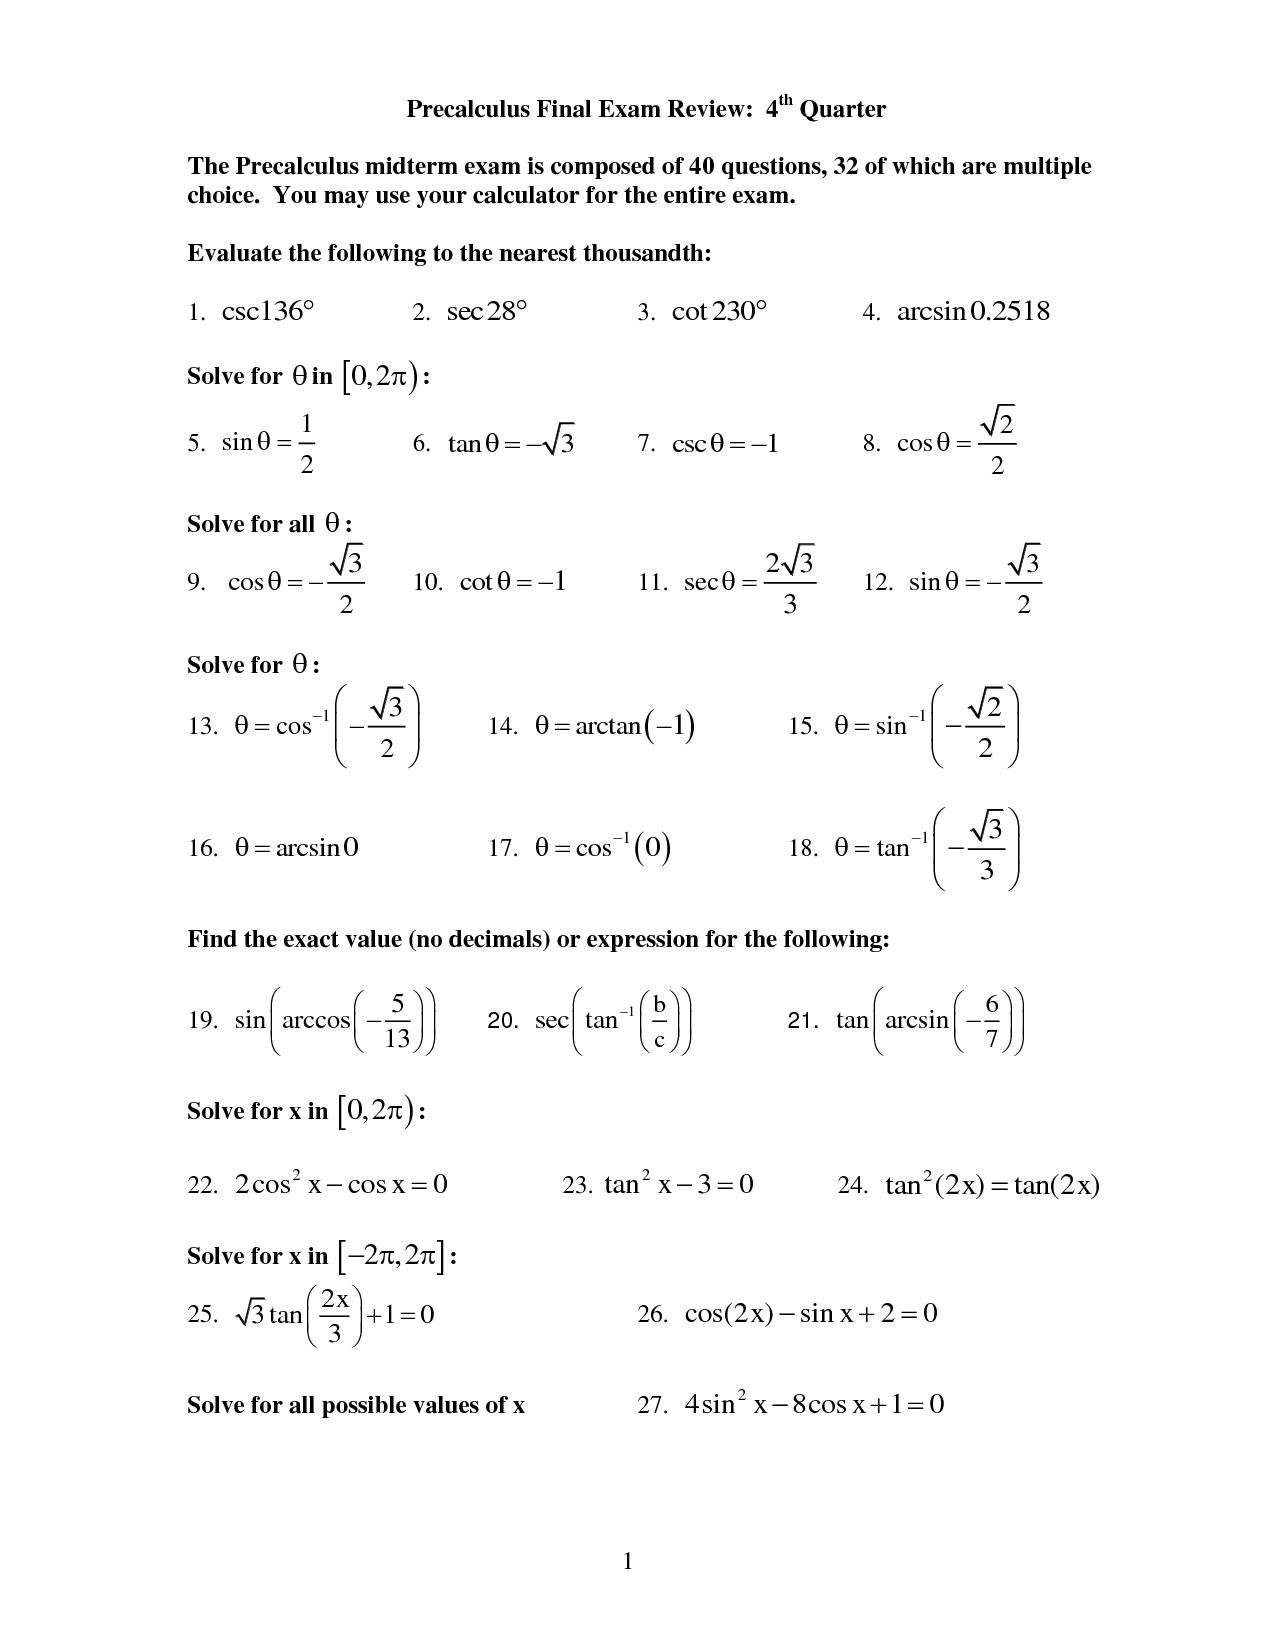 Precalculus Practice Exam Worksheet